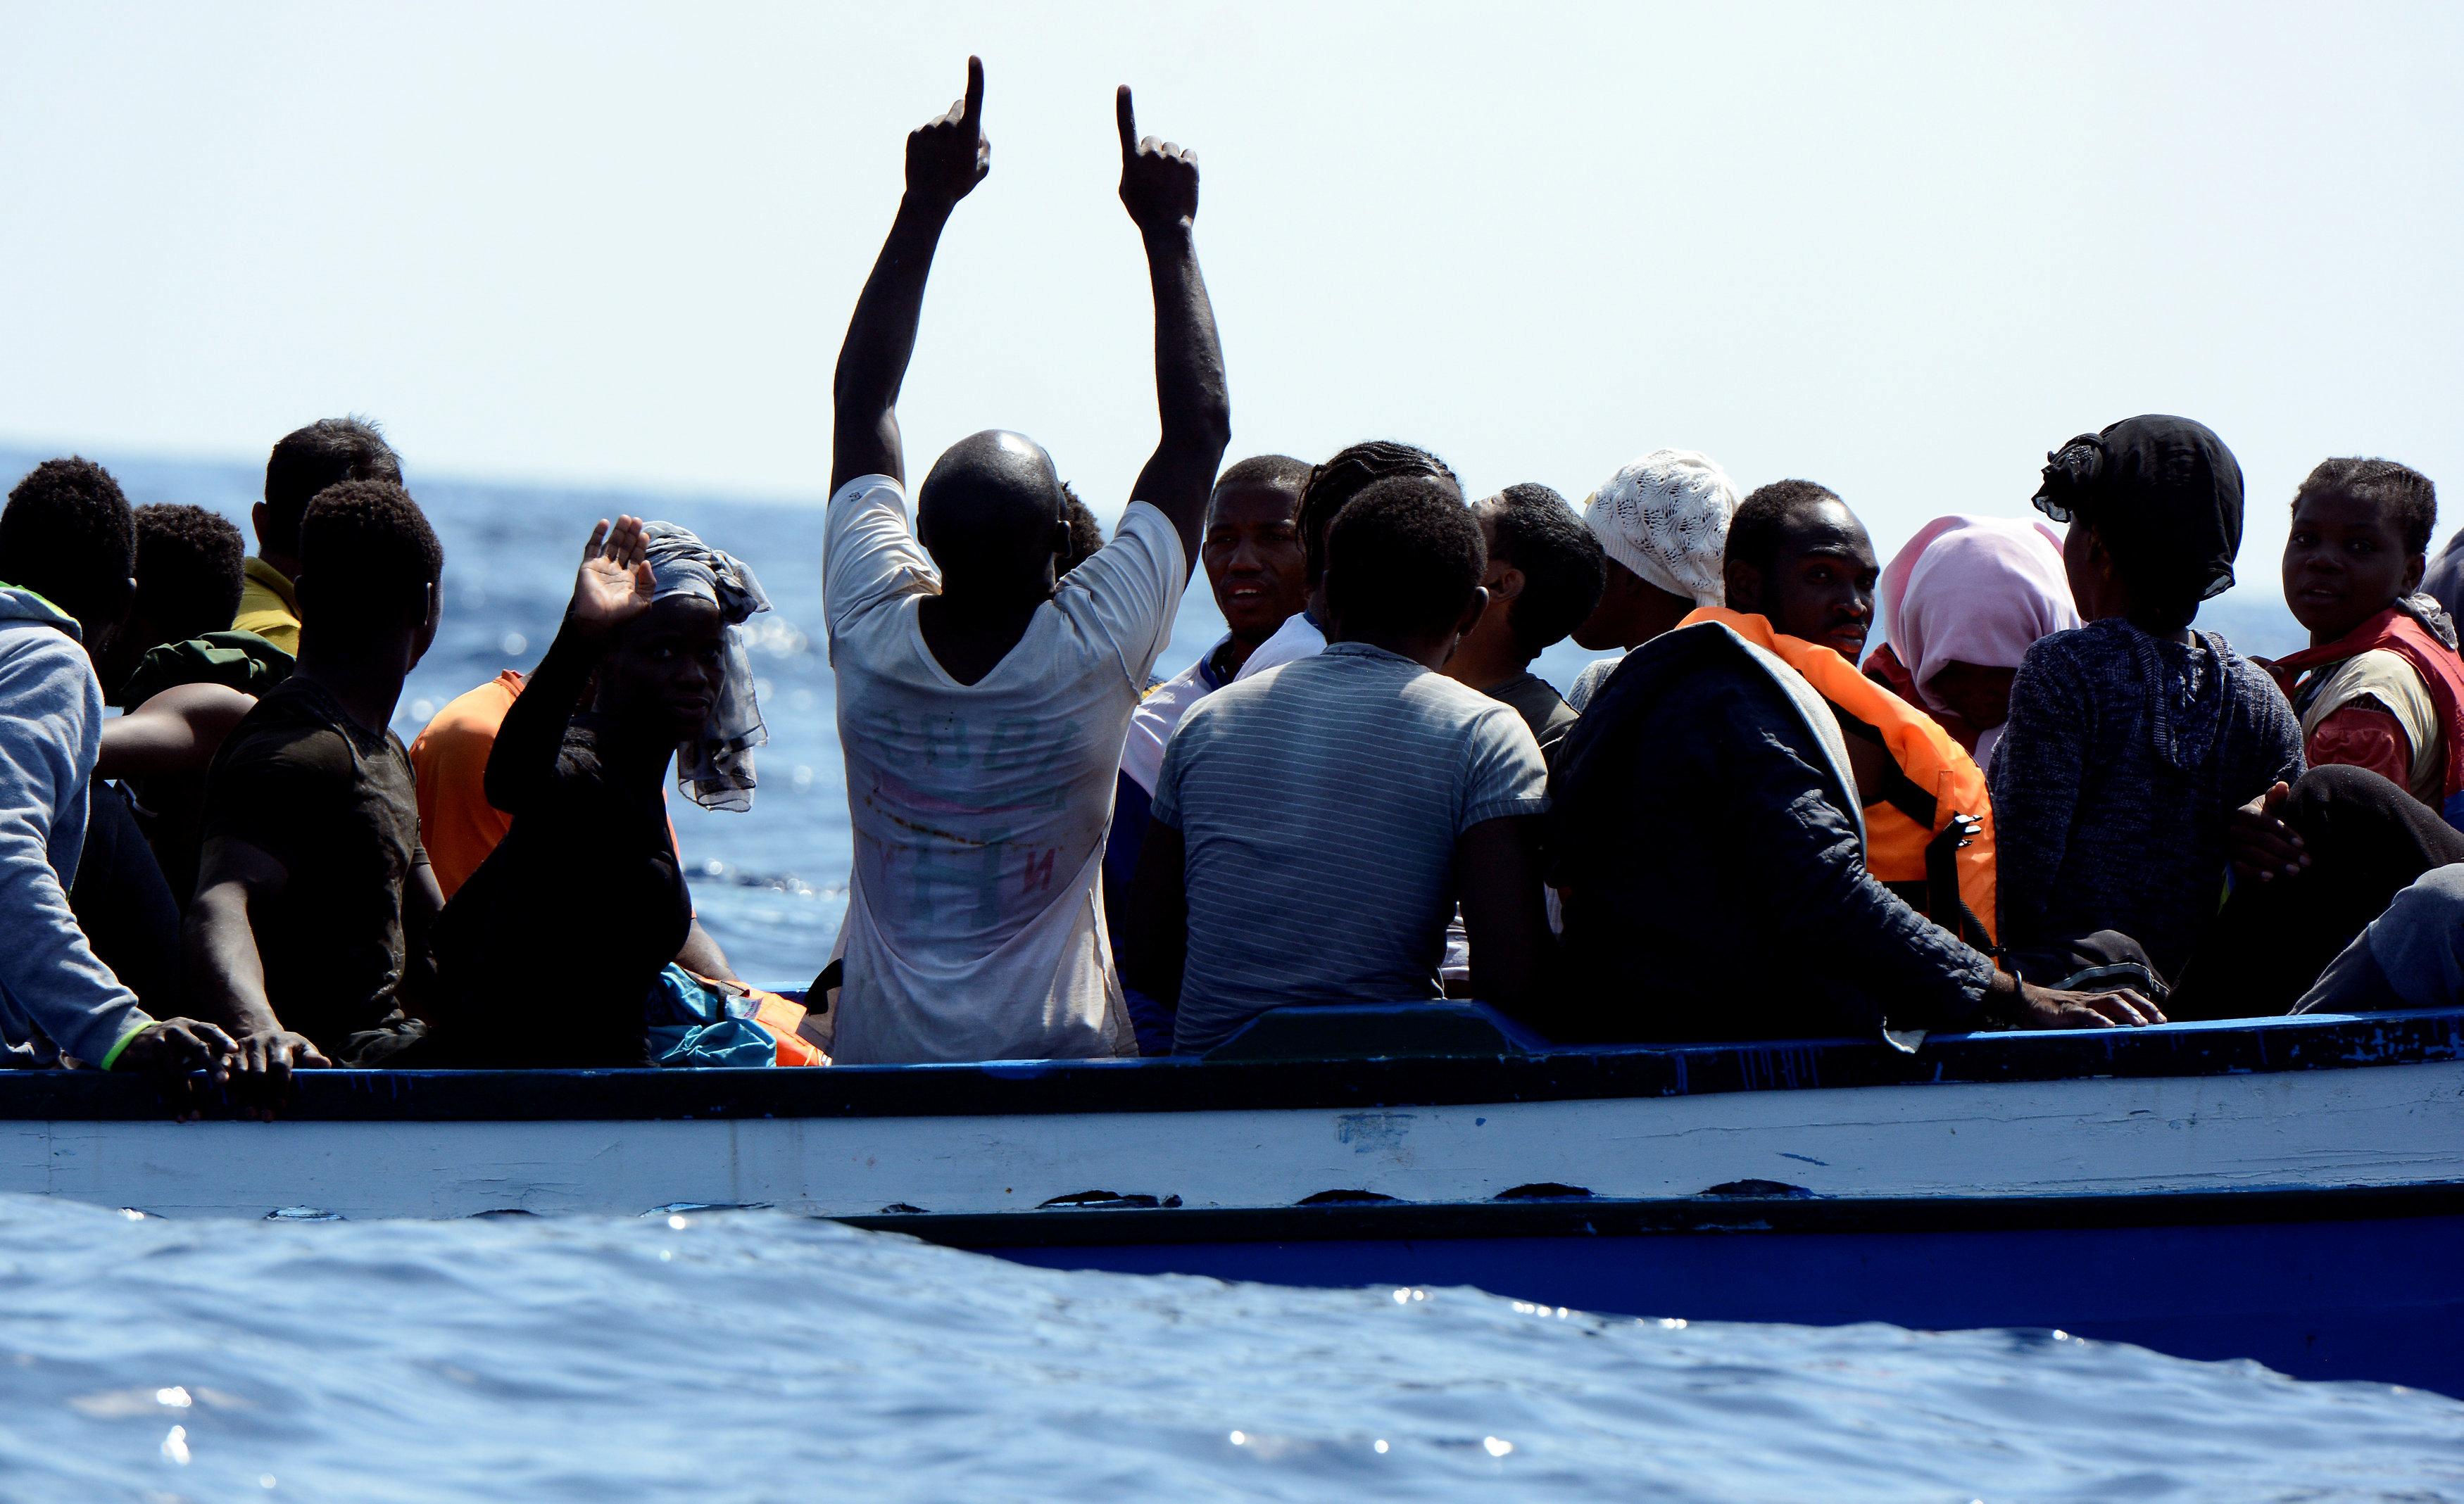 المهاجرين يشكرون ربنا بعد إنقاذهم